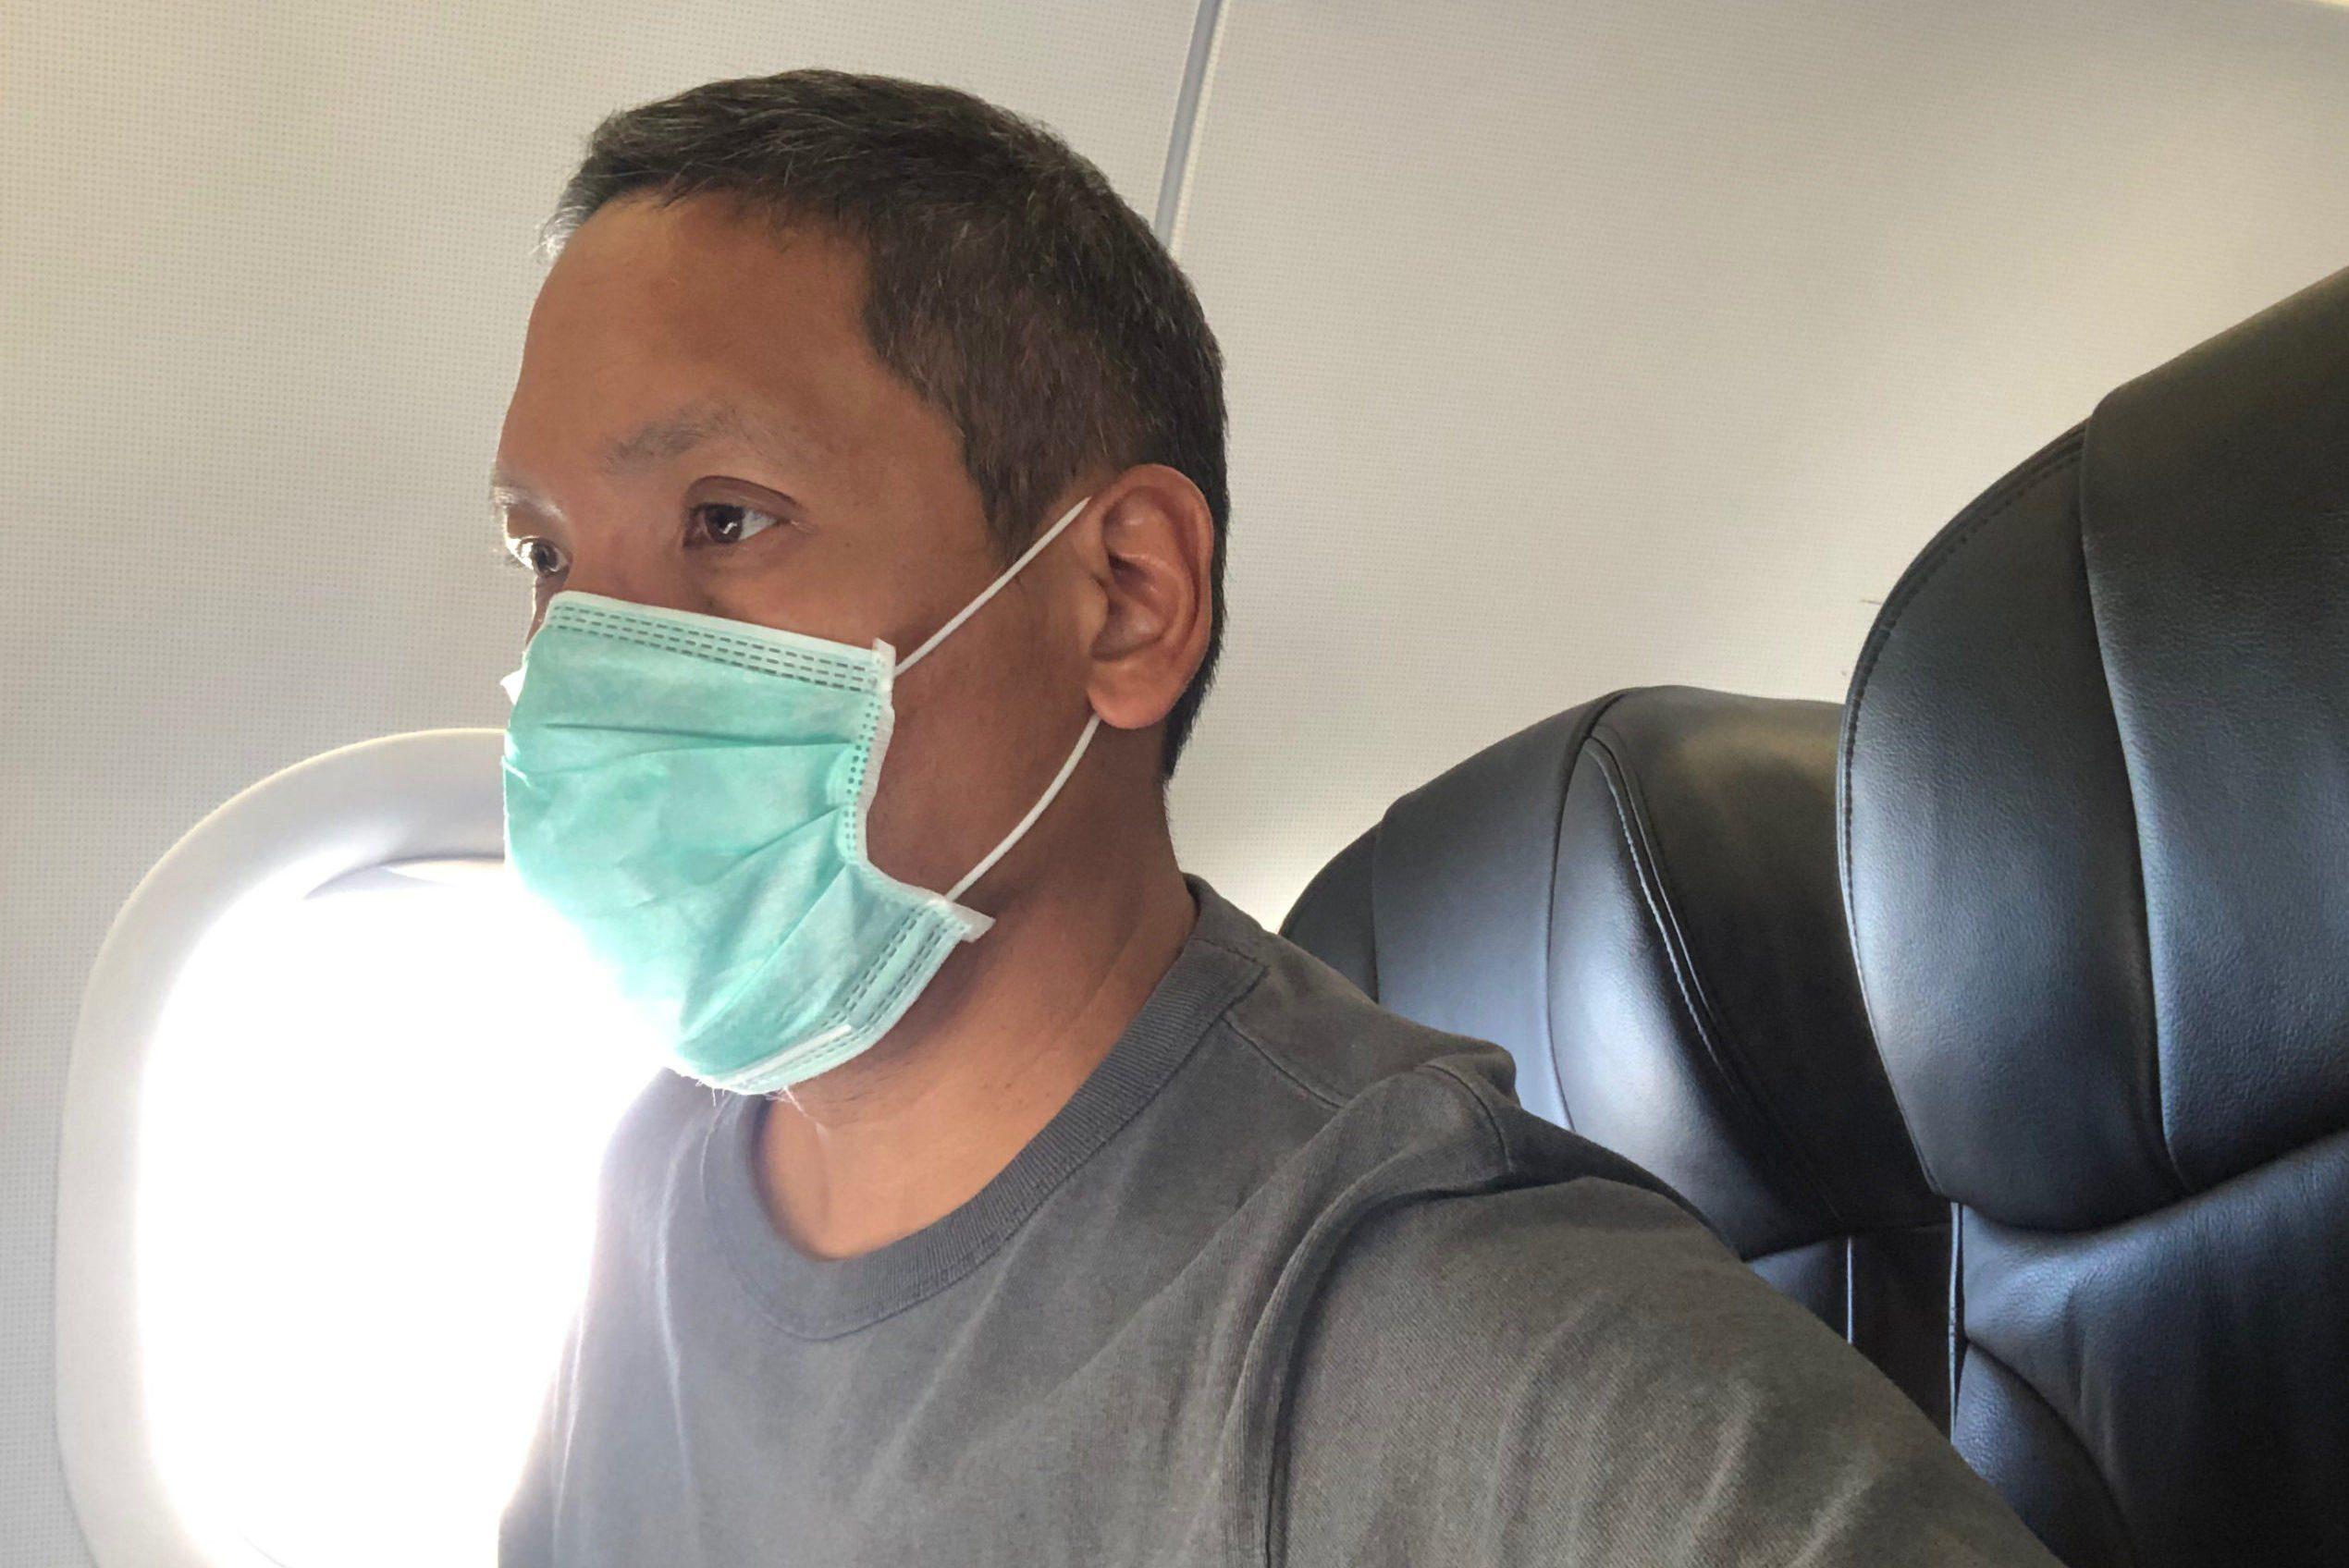 Man Wearing Mask Sitting In Airplane